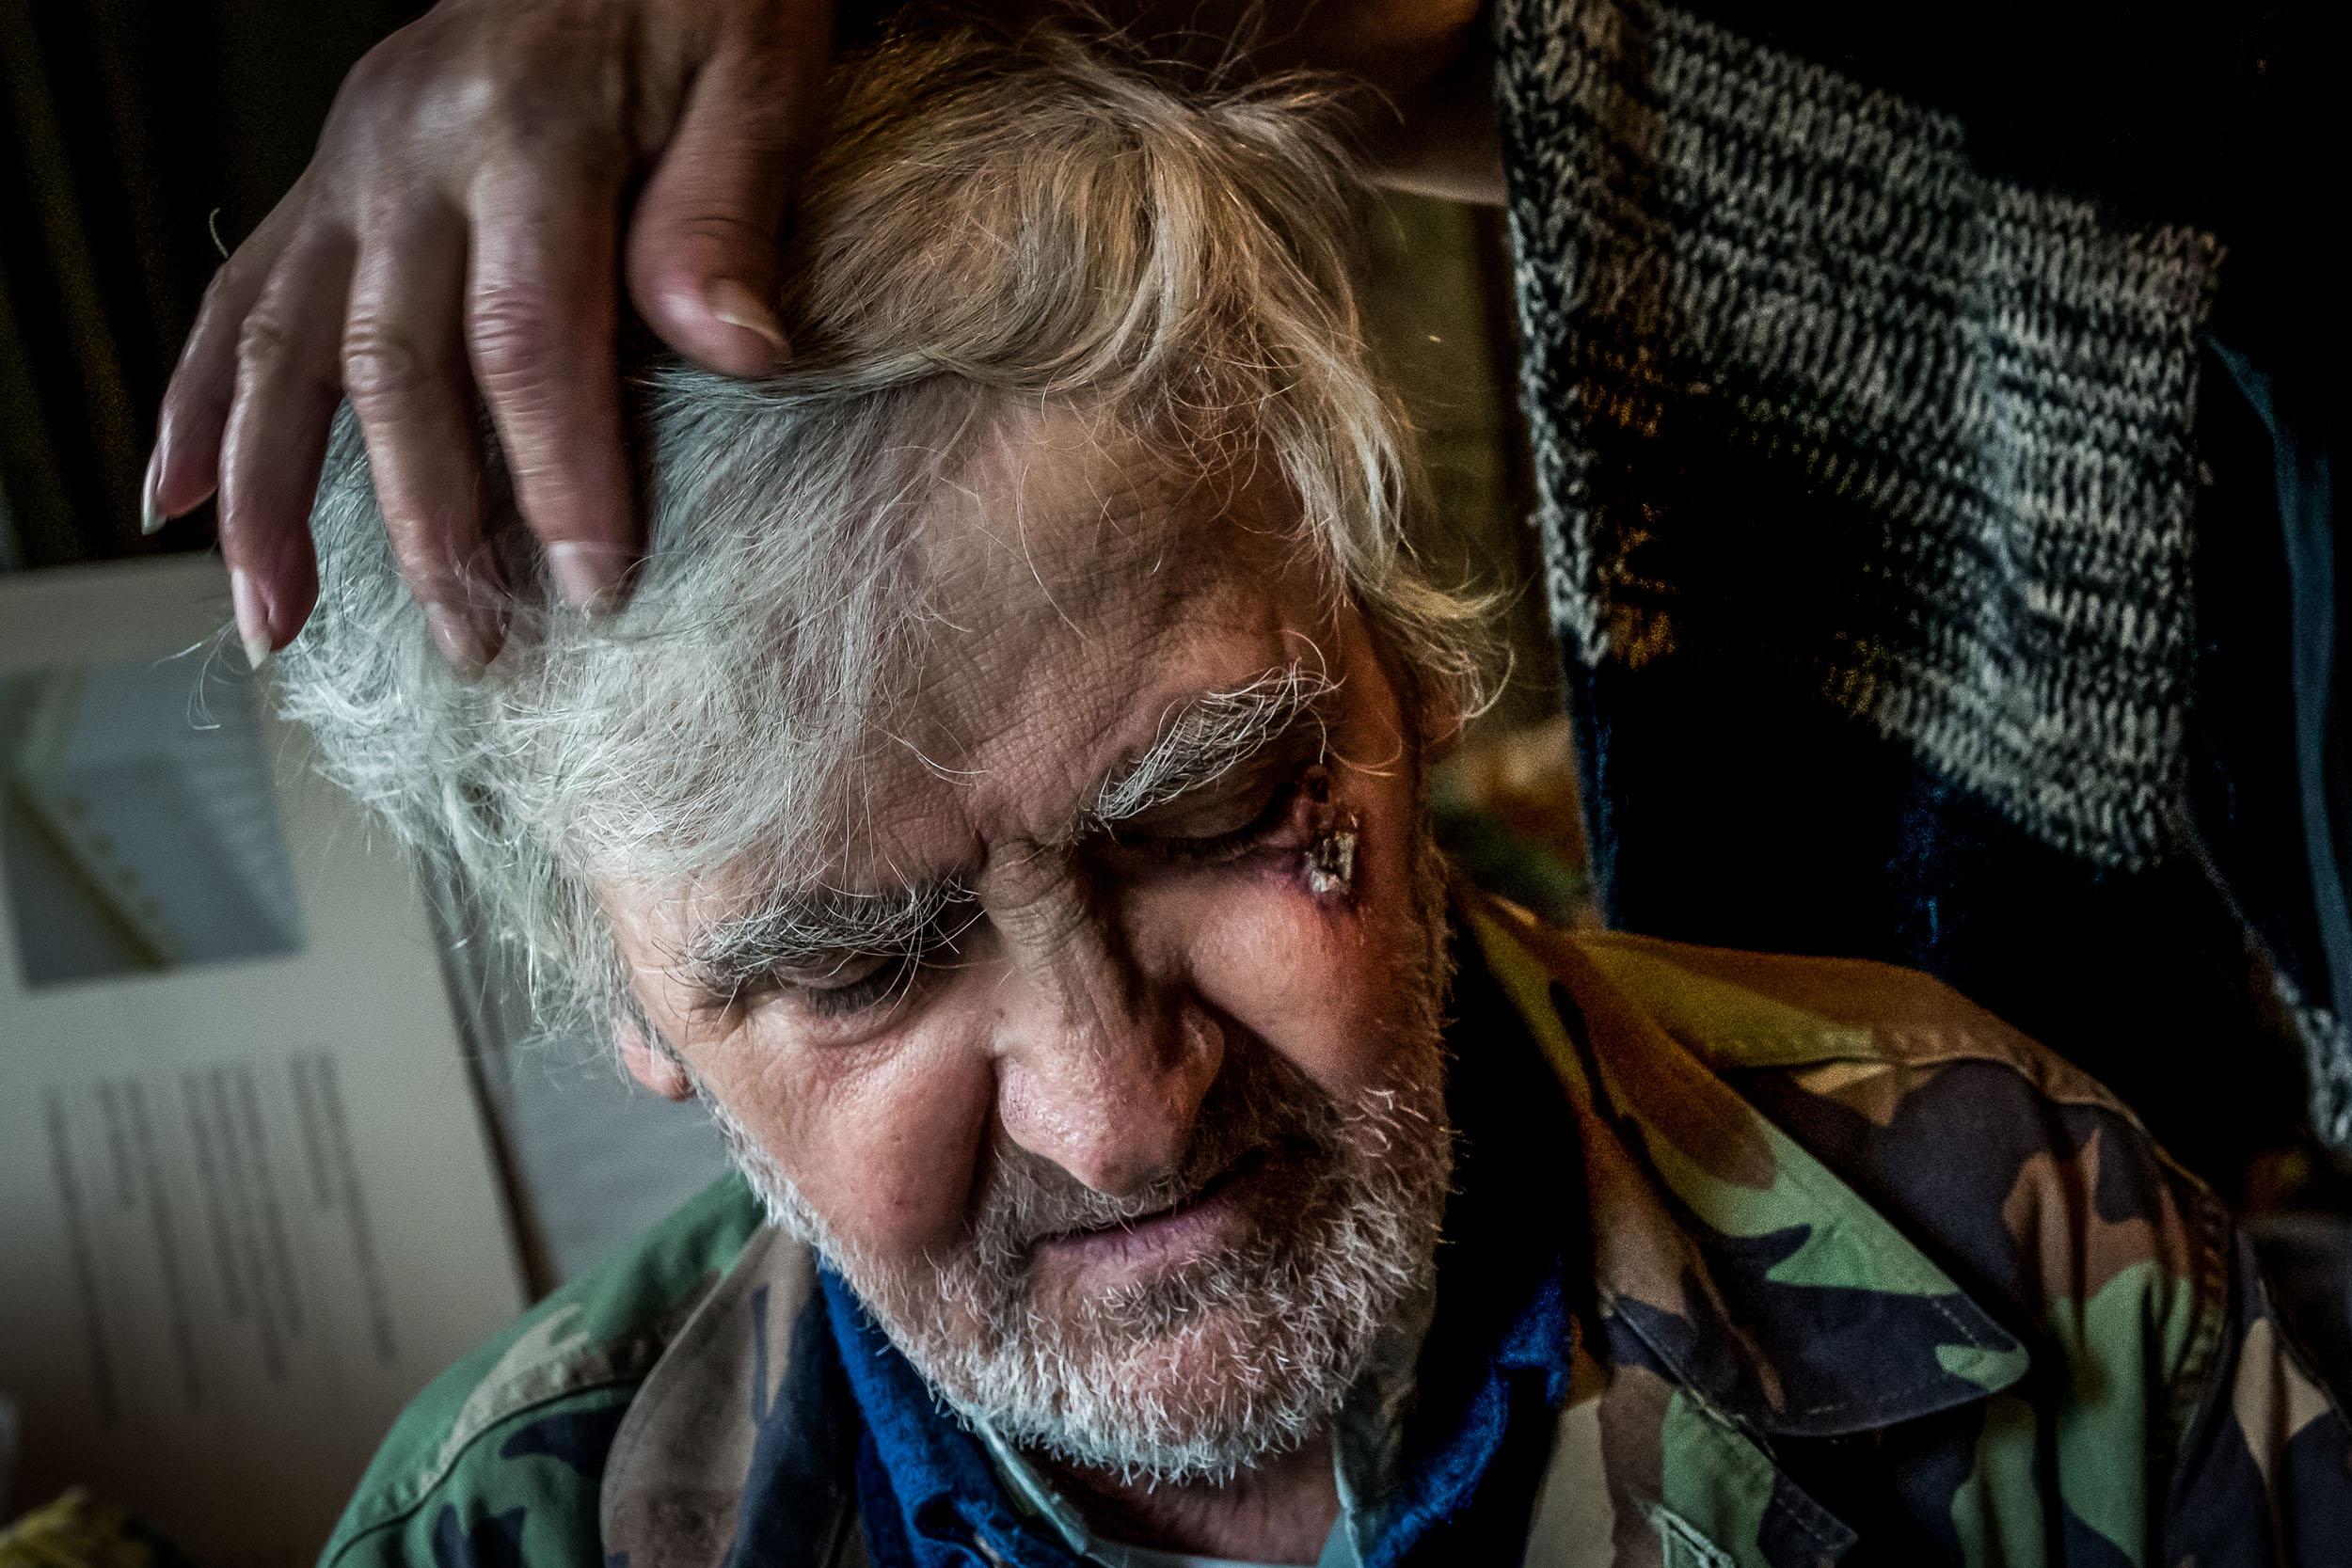 Seine dunklen Locken haben ihr damals gefallen. Und noch heute liebt »Liebe« es, ihrem Mann durch die mittlerweile weißen Haare zu streichen.